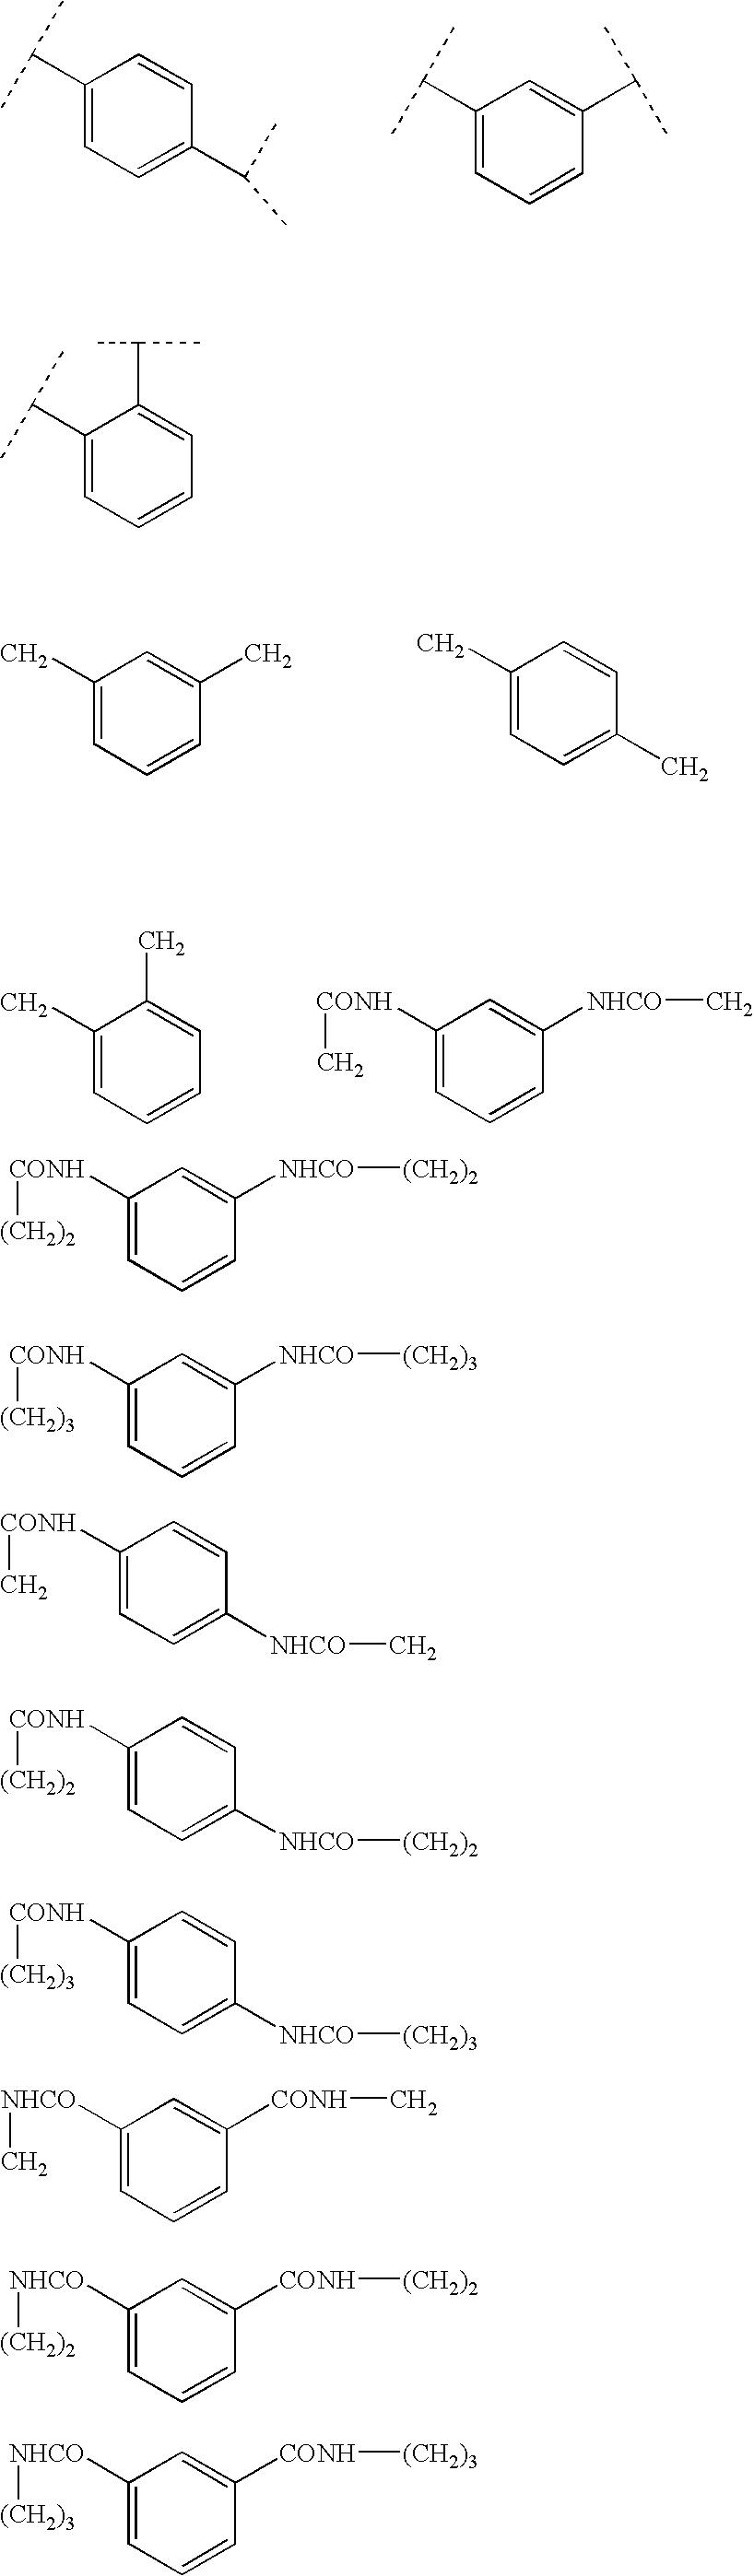 Figure US20050031562A1-20050210-C00014